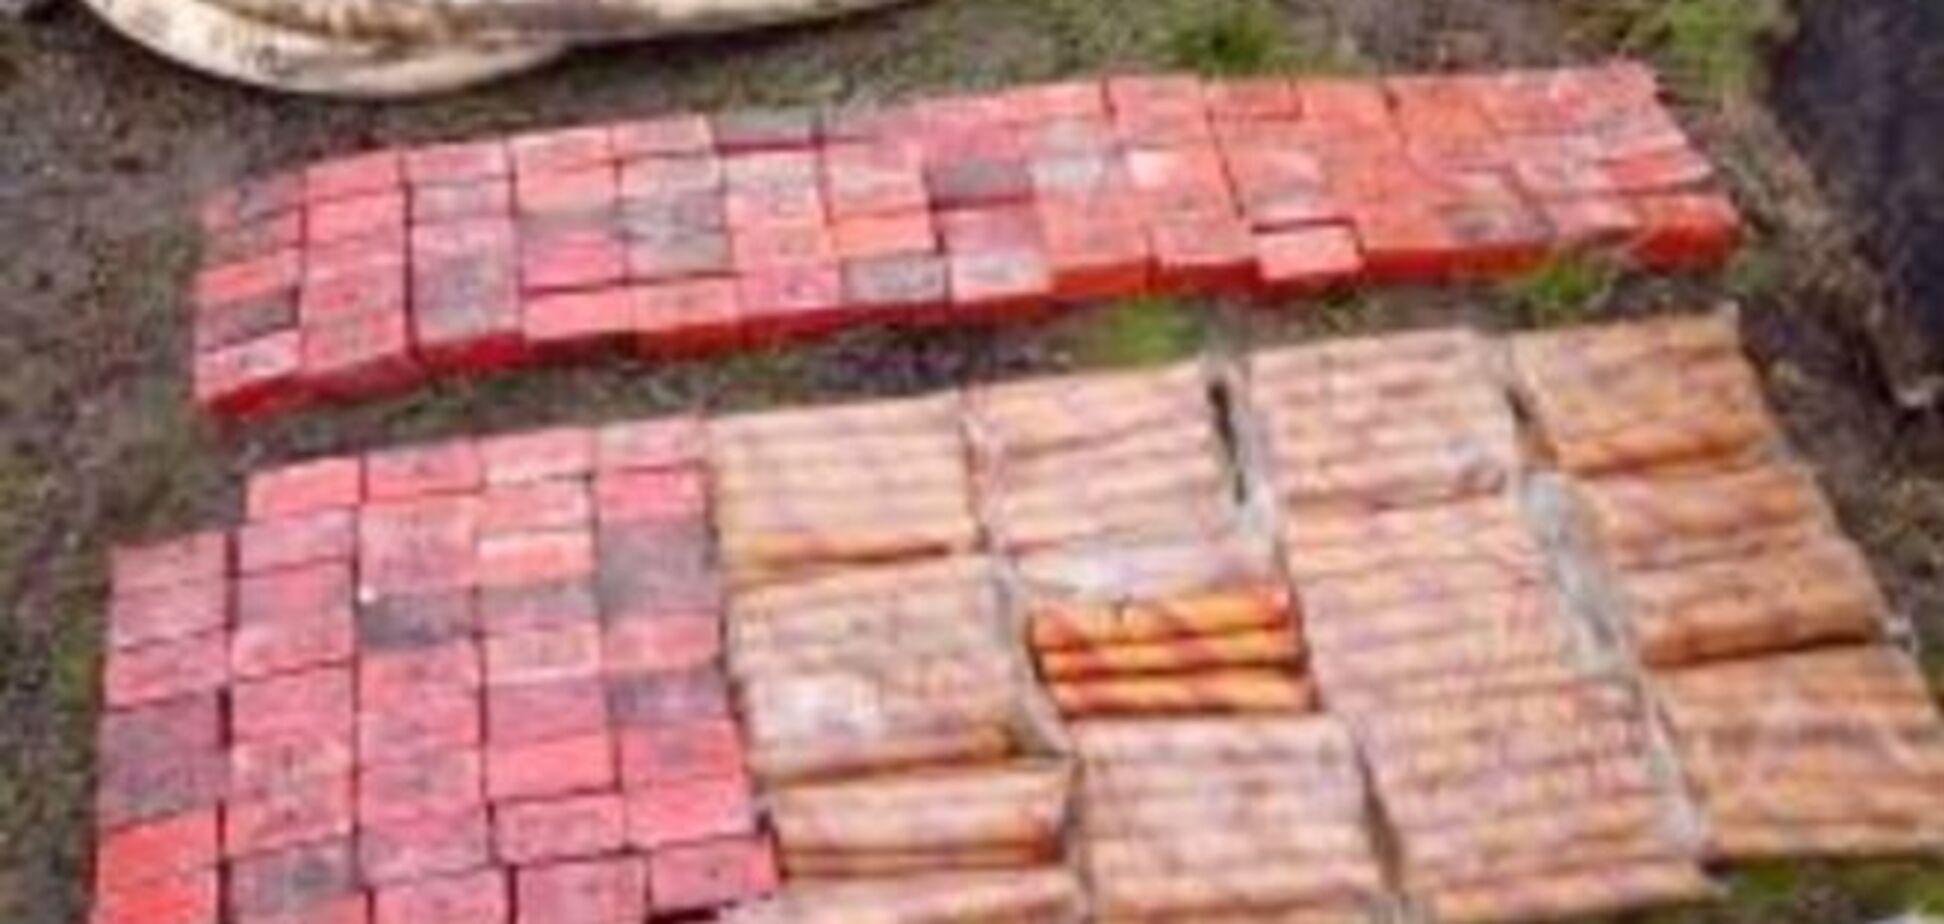 Під мостом на Луганщині знайшли 75 кг вибухівки: фотофакт